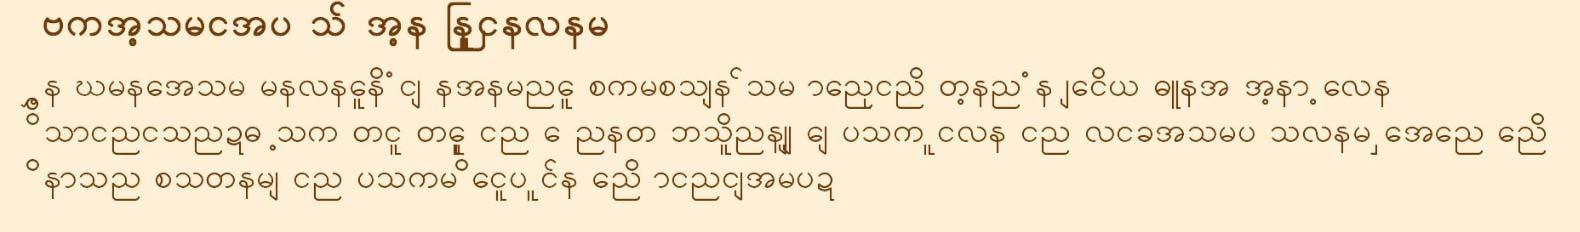 Burmese-1